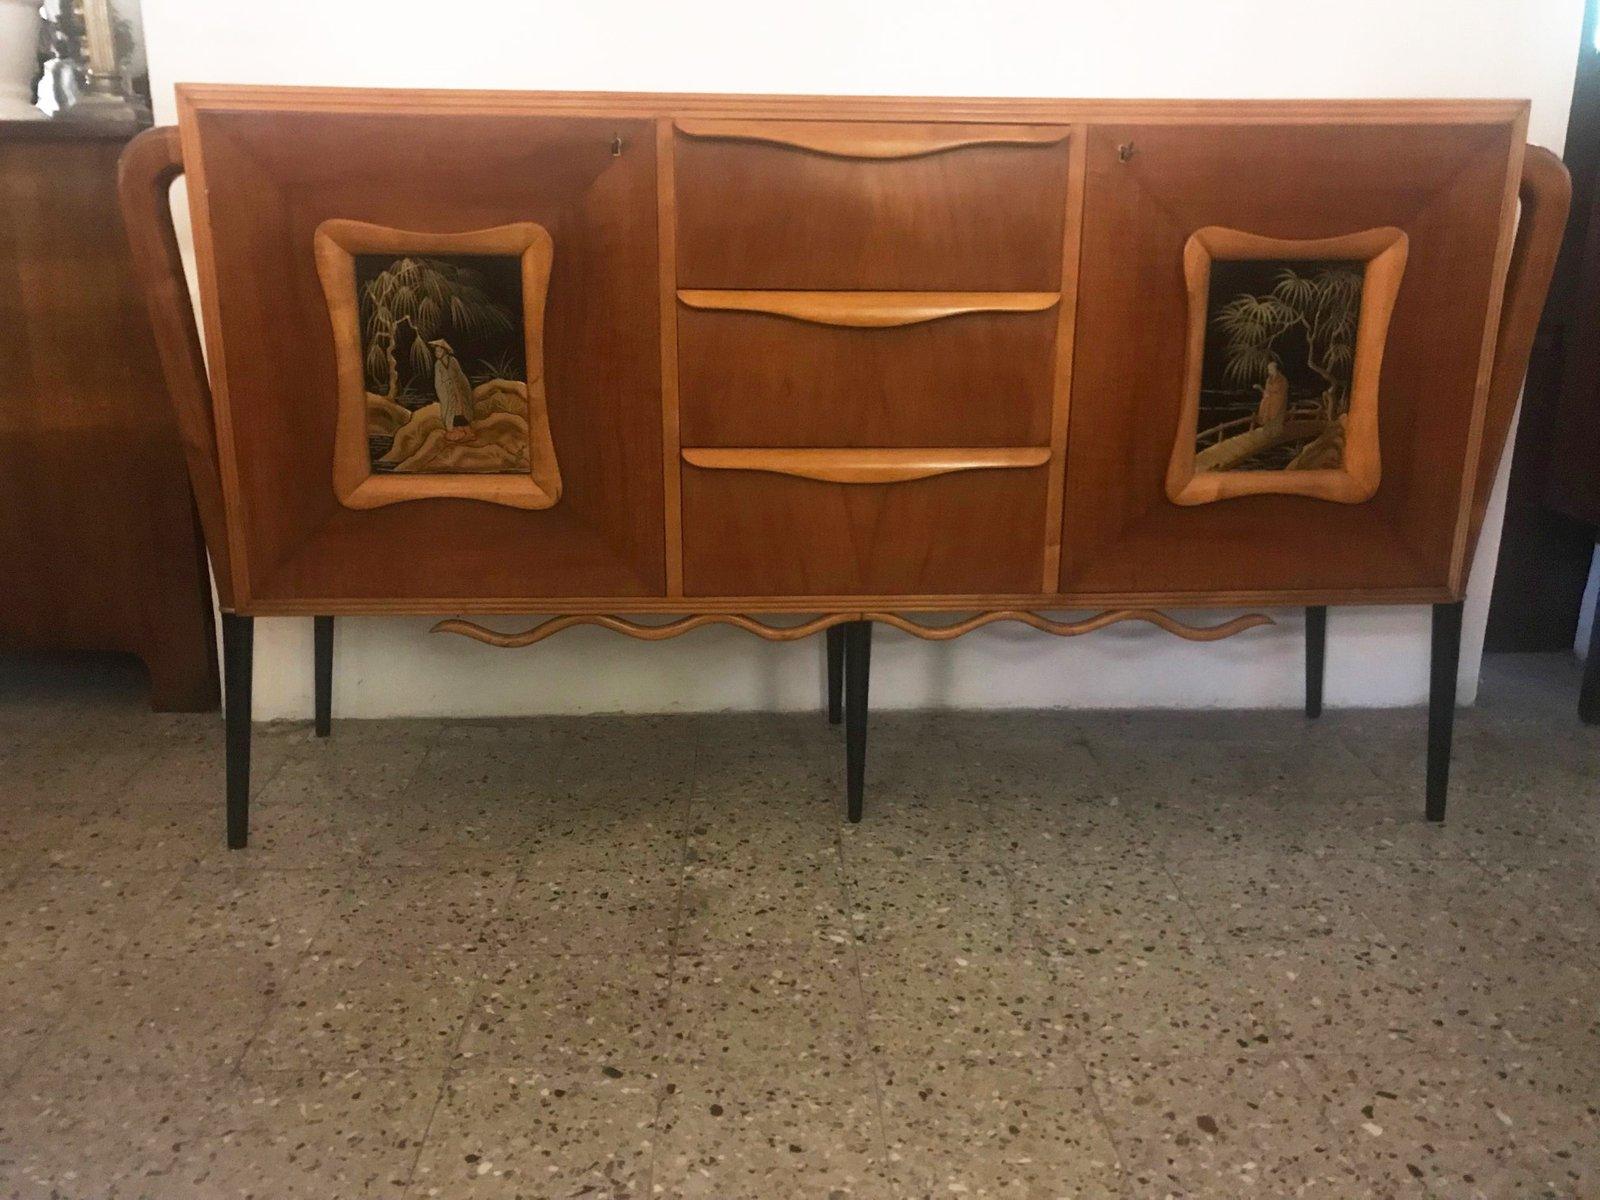 La Credenza Di Fiorenza : Credenza with handpainted relief front 1950s for sale at pamono